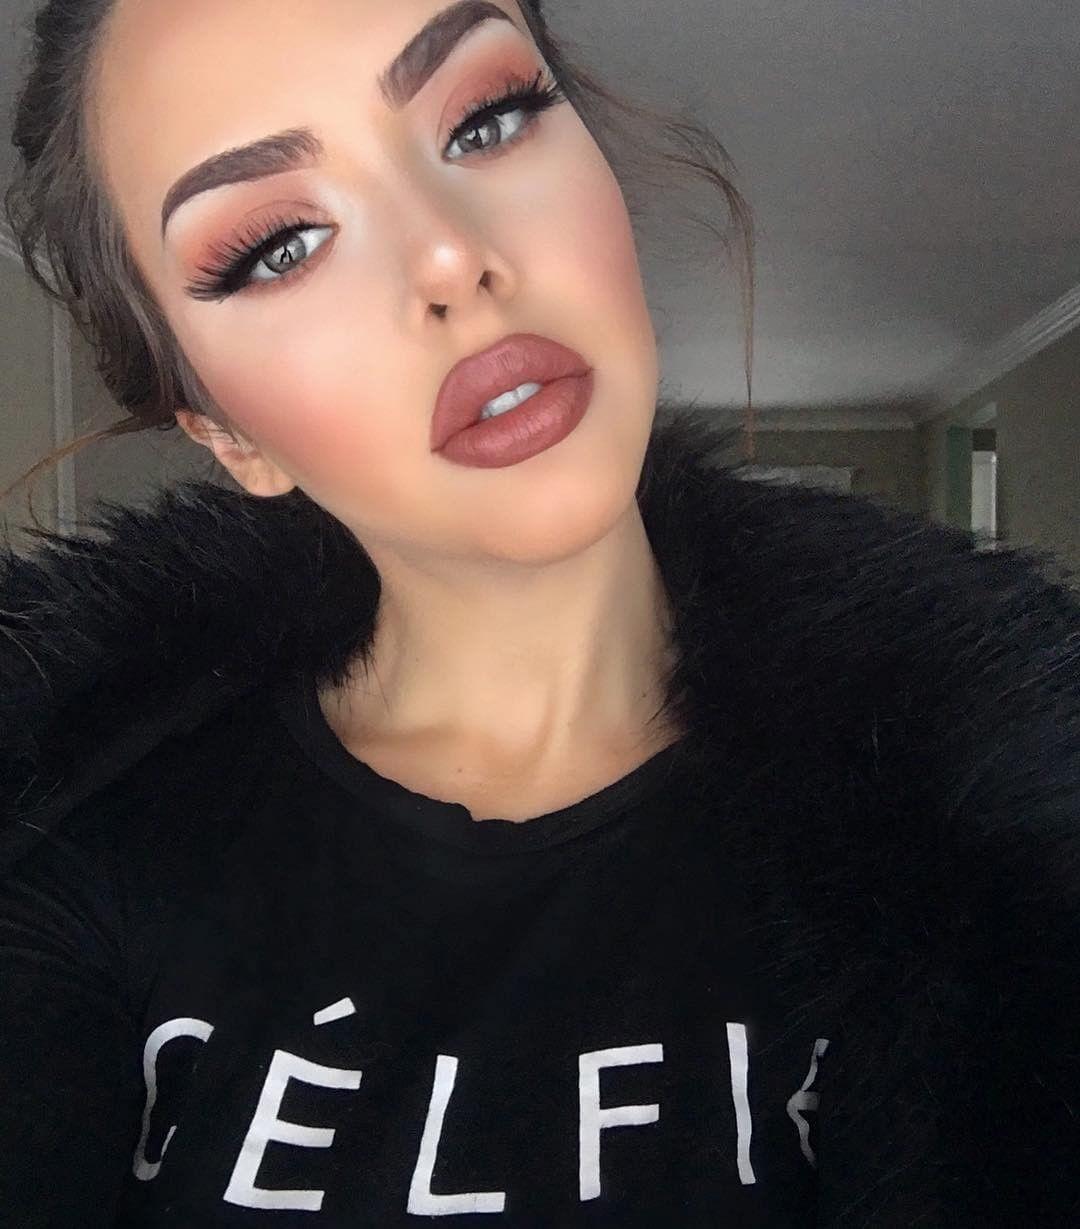 DIPBROW Pomade  Makeup  Pinterest  Makeup Beauty makeup and